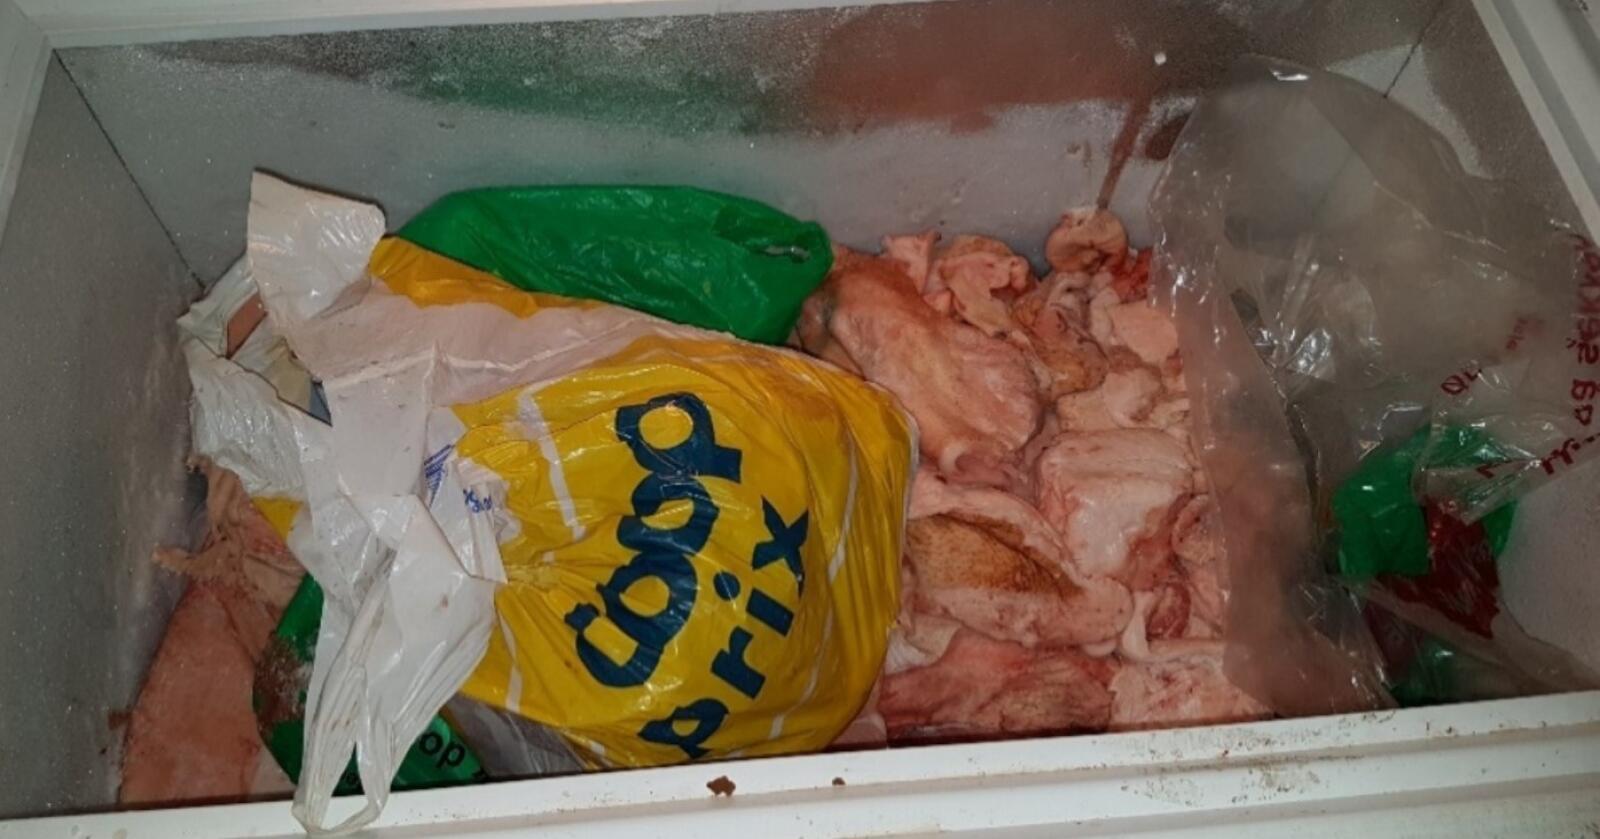 Kjøttet i en av fryserne i garasjen ble lagret uten emballasje. Ingen av posene som kjøtt lå i var egnet for emballering av næringsmidler. Foto: Mattilsynet